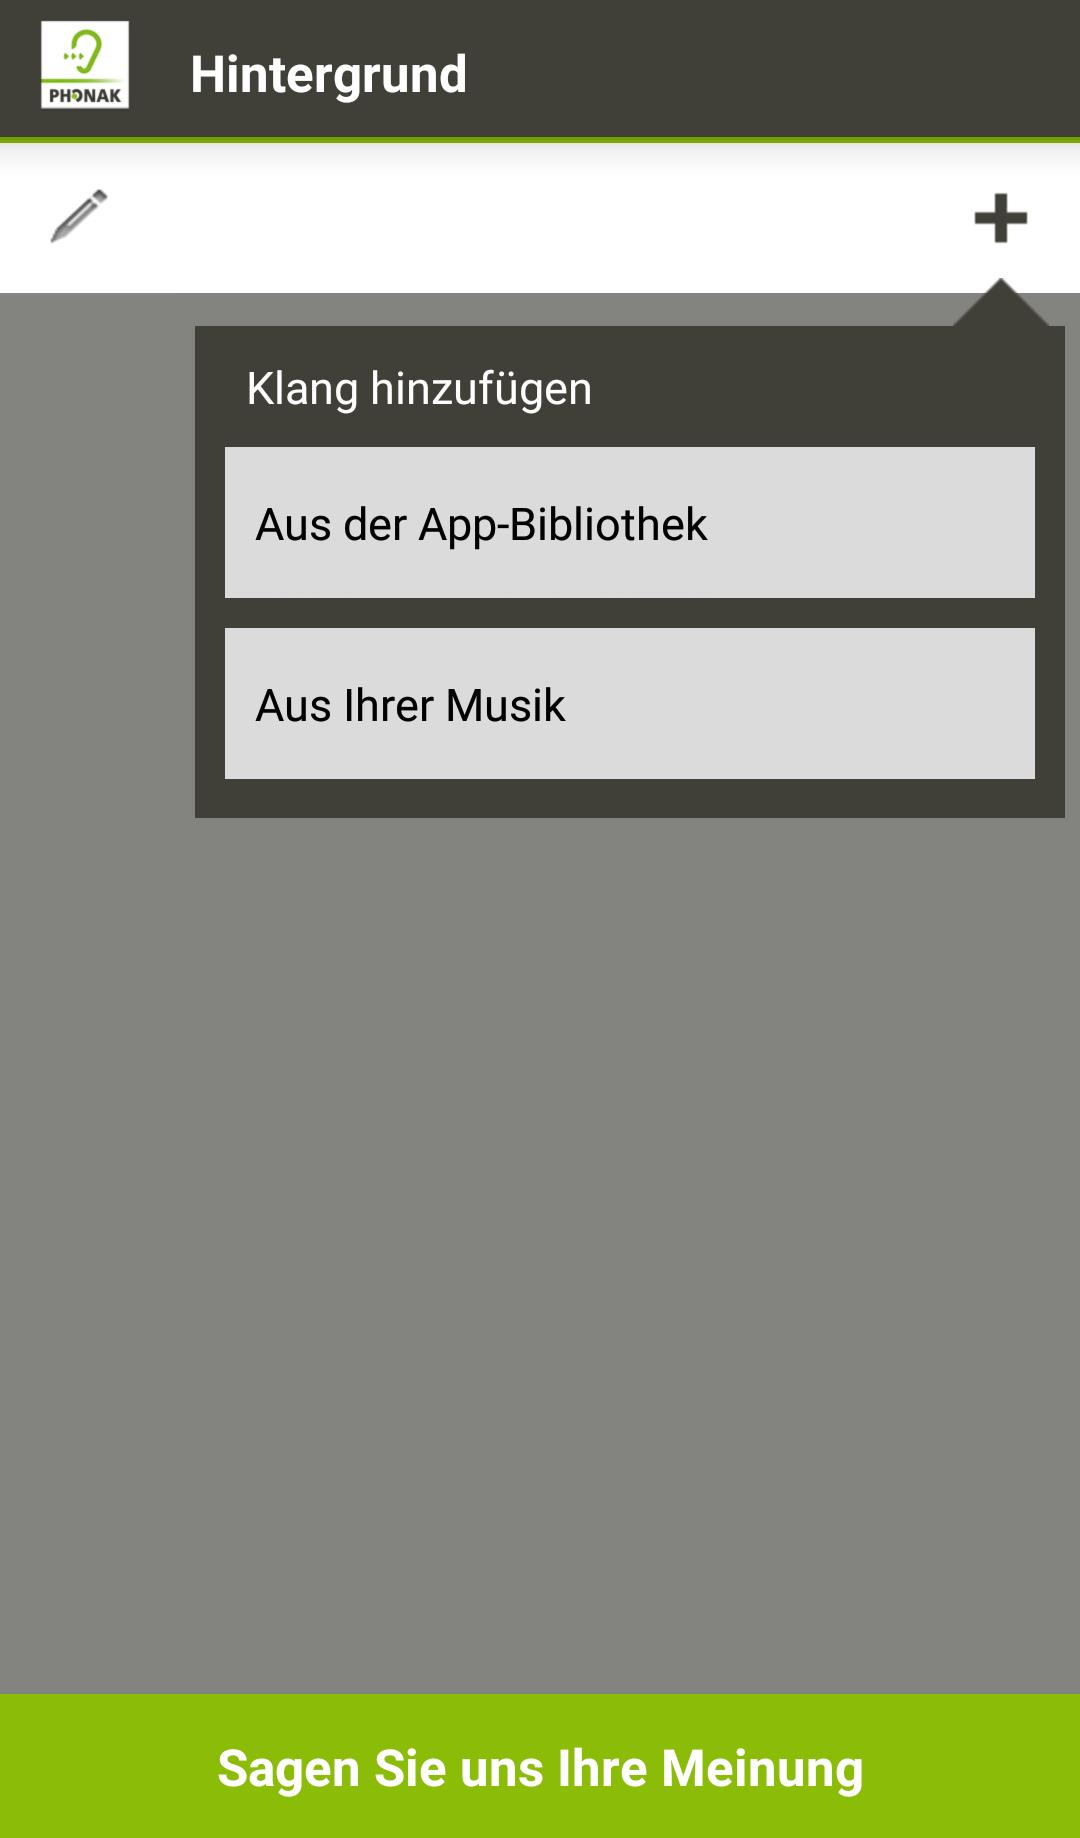 Die Klänge können entweder aus der App-Bibliothek oder aus Ihrer eigenen Musiksammlung gewählt werden.